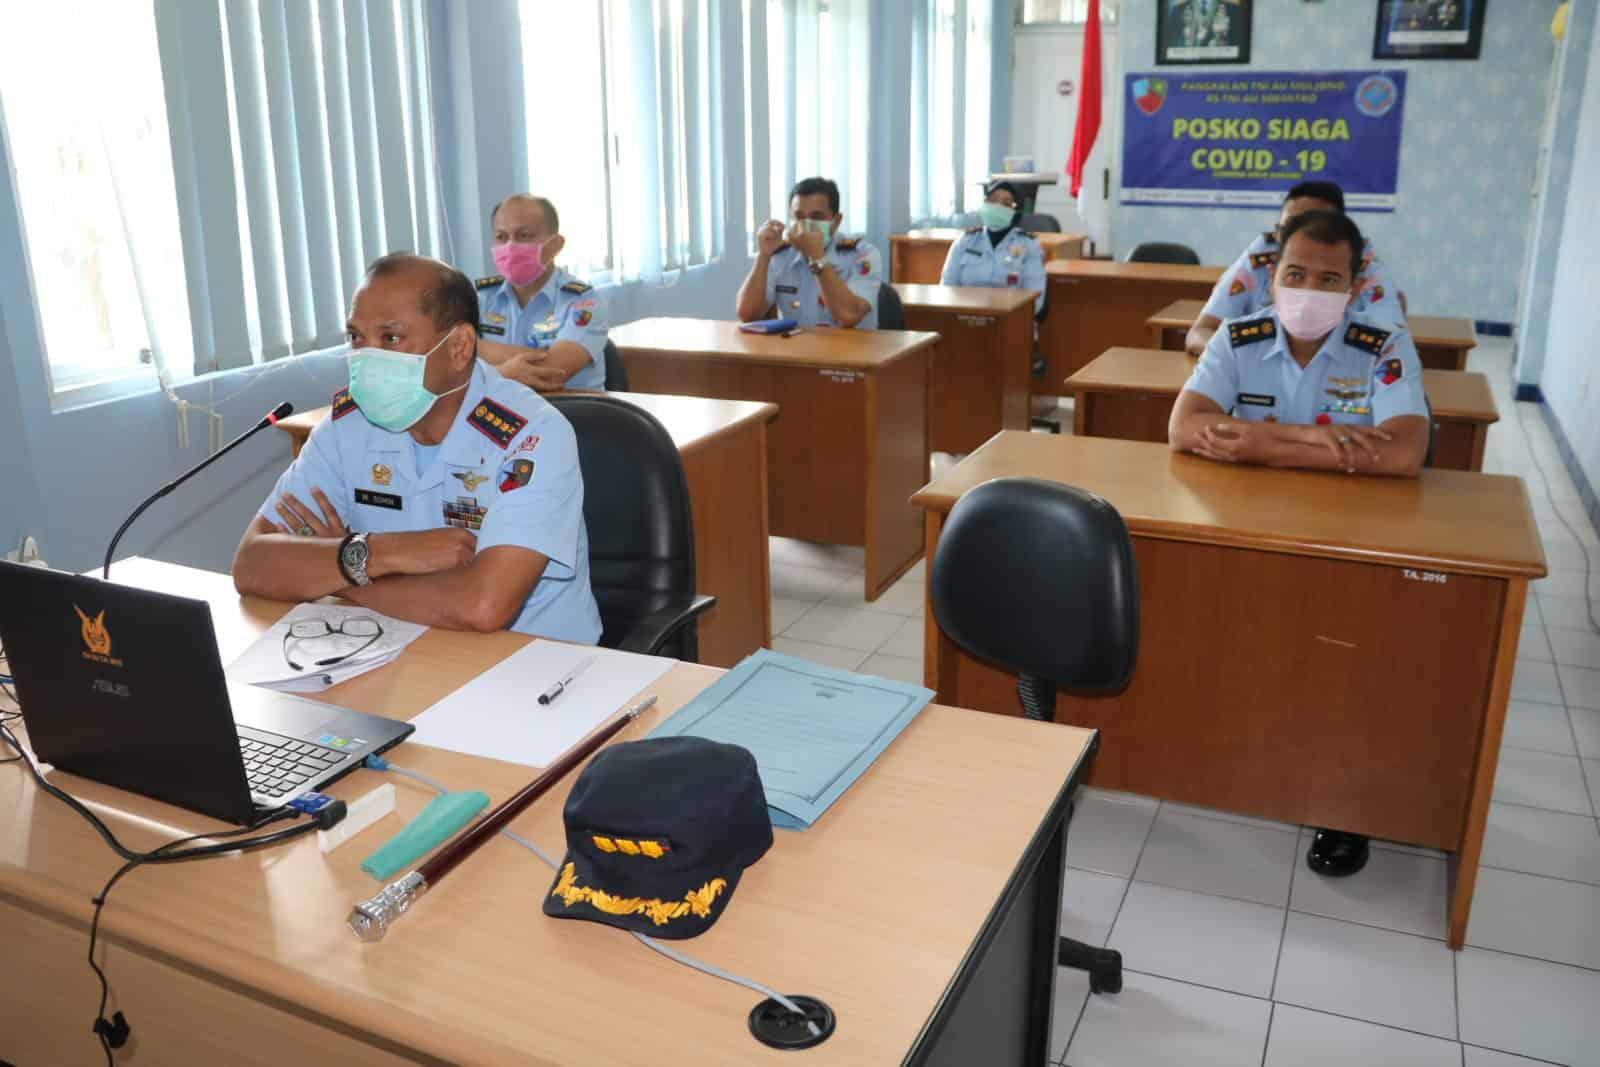 Komandan Lanud Muljono Kolonel Pnb M. Somin, S. Sos laksanakan Vicon bersama Lanud jajaran Koopsau II